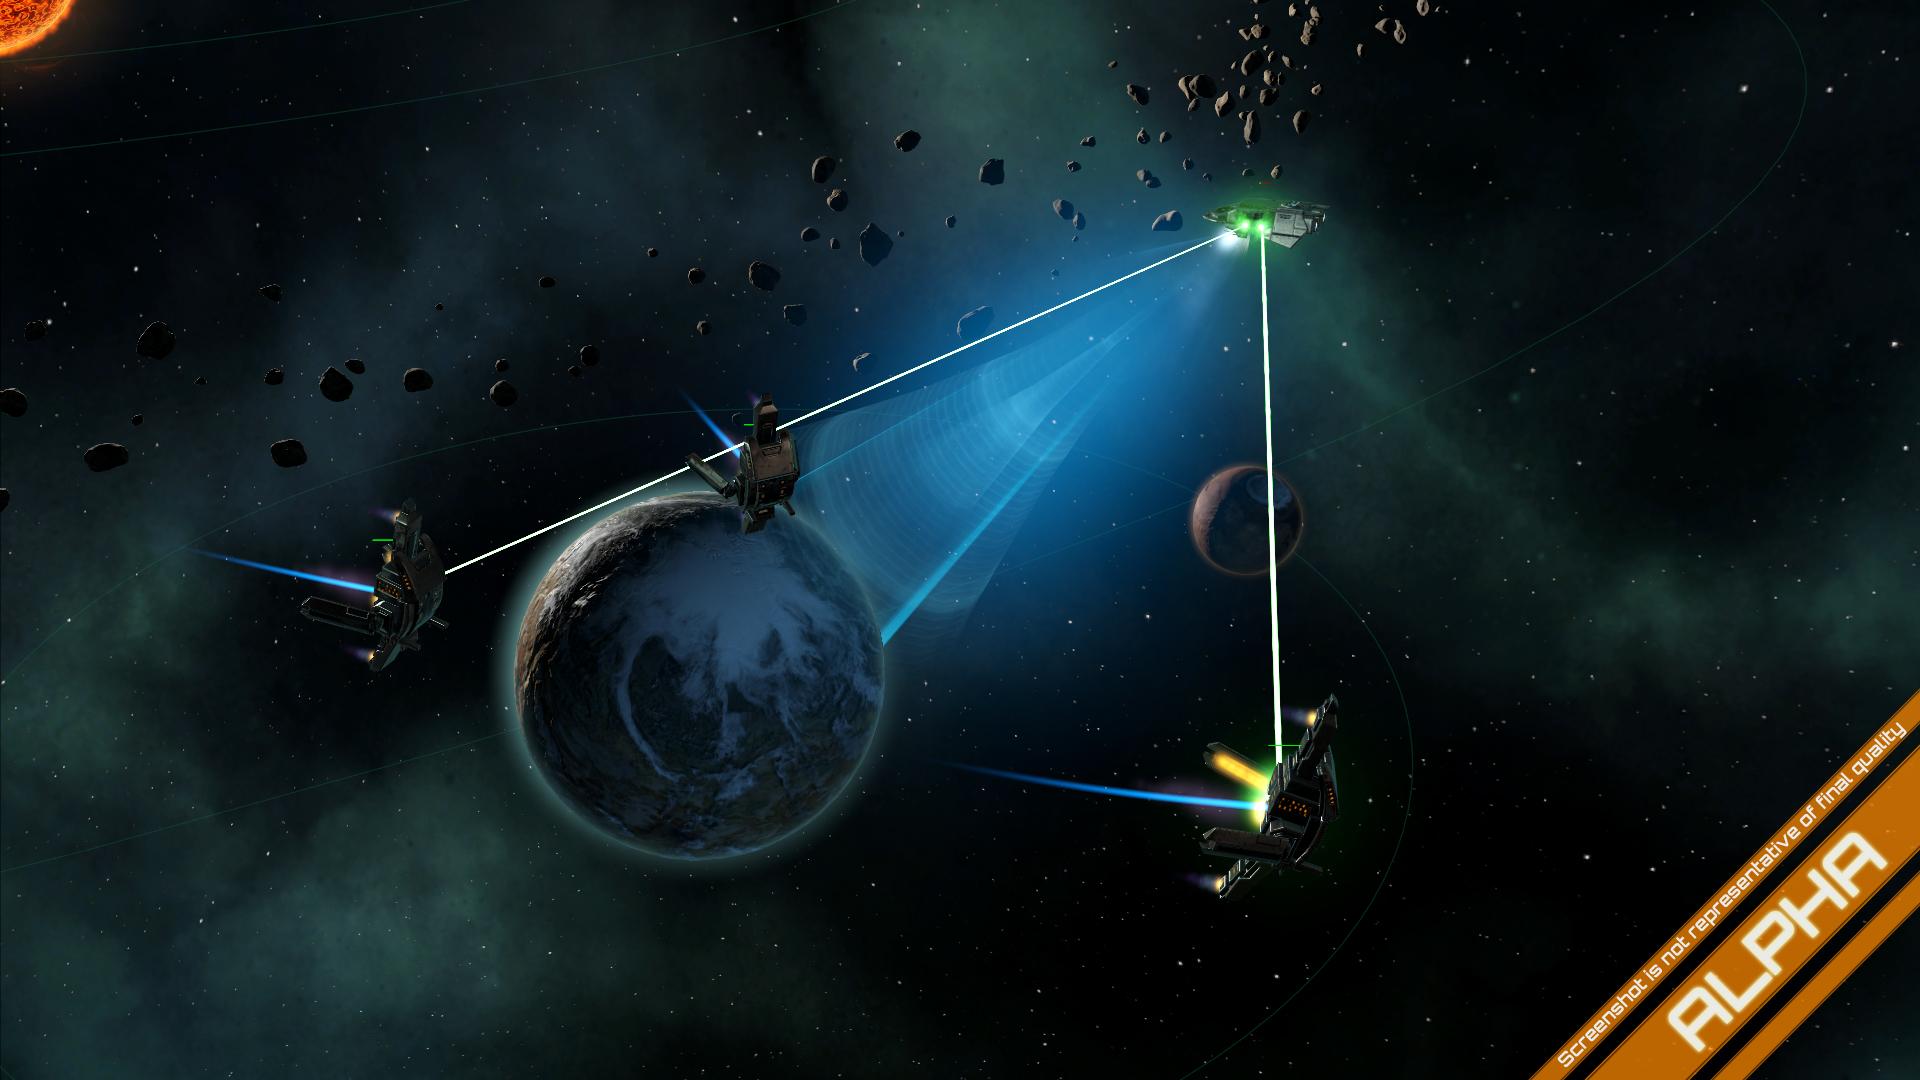 stellaris_dev_diary_03_01_20121005_drone